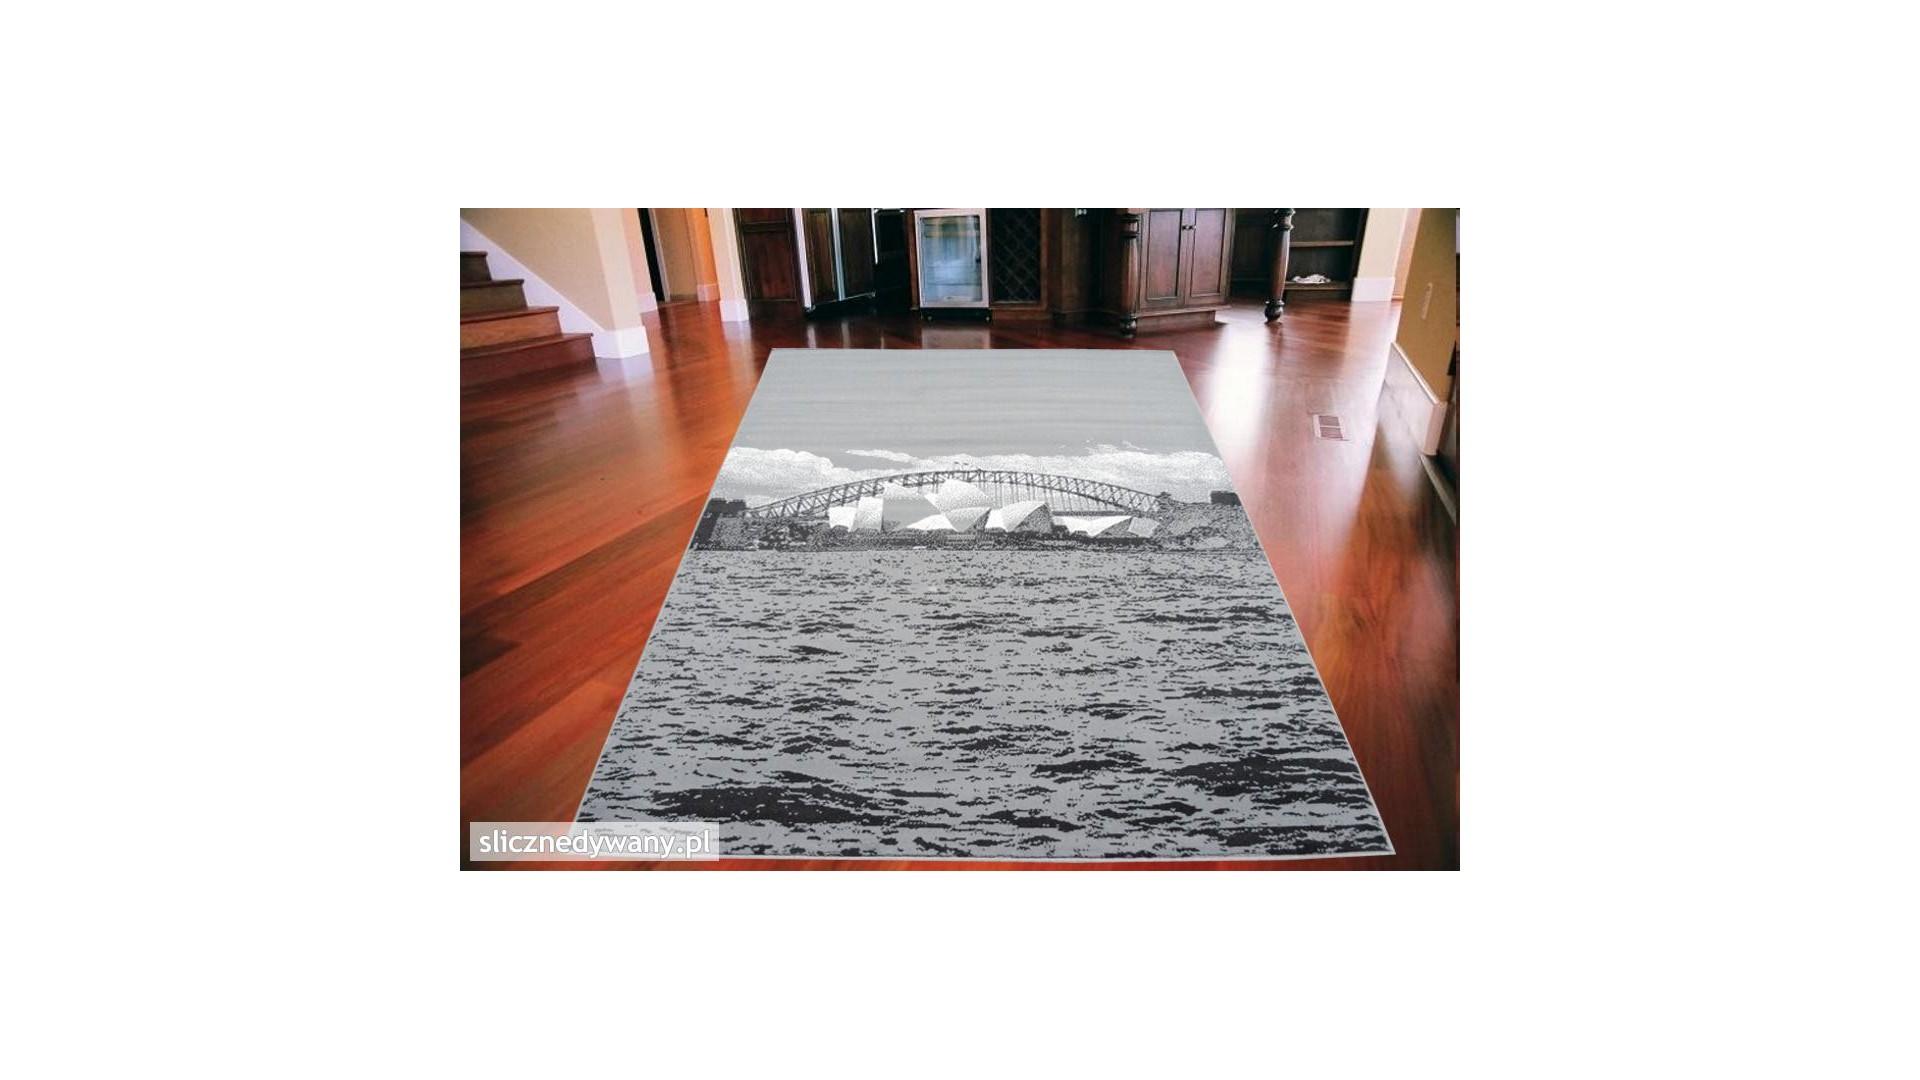 Nowoczesny dywan do każdego modnego wnętrza.